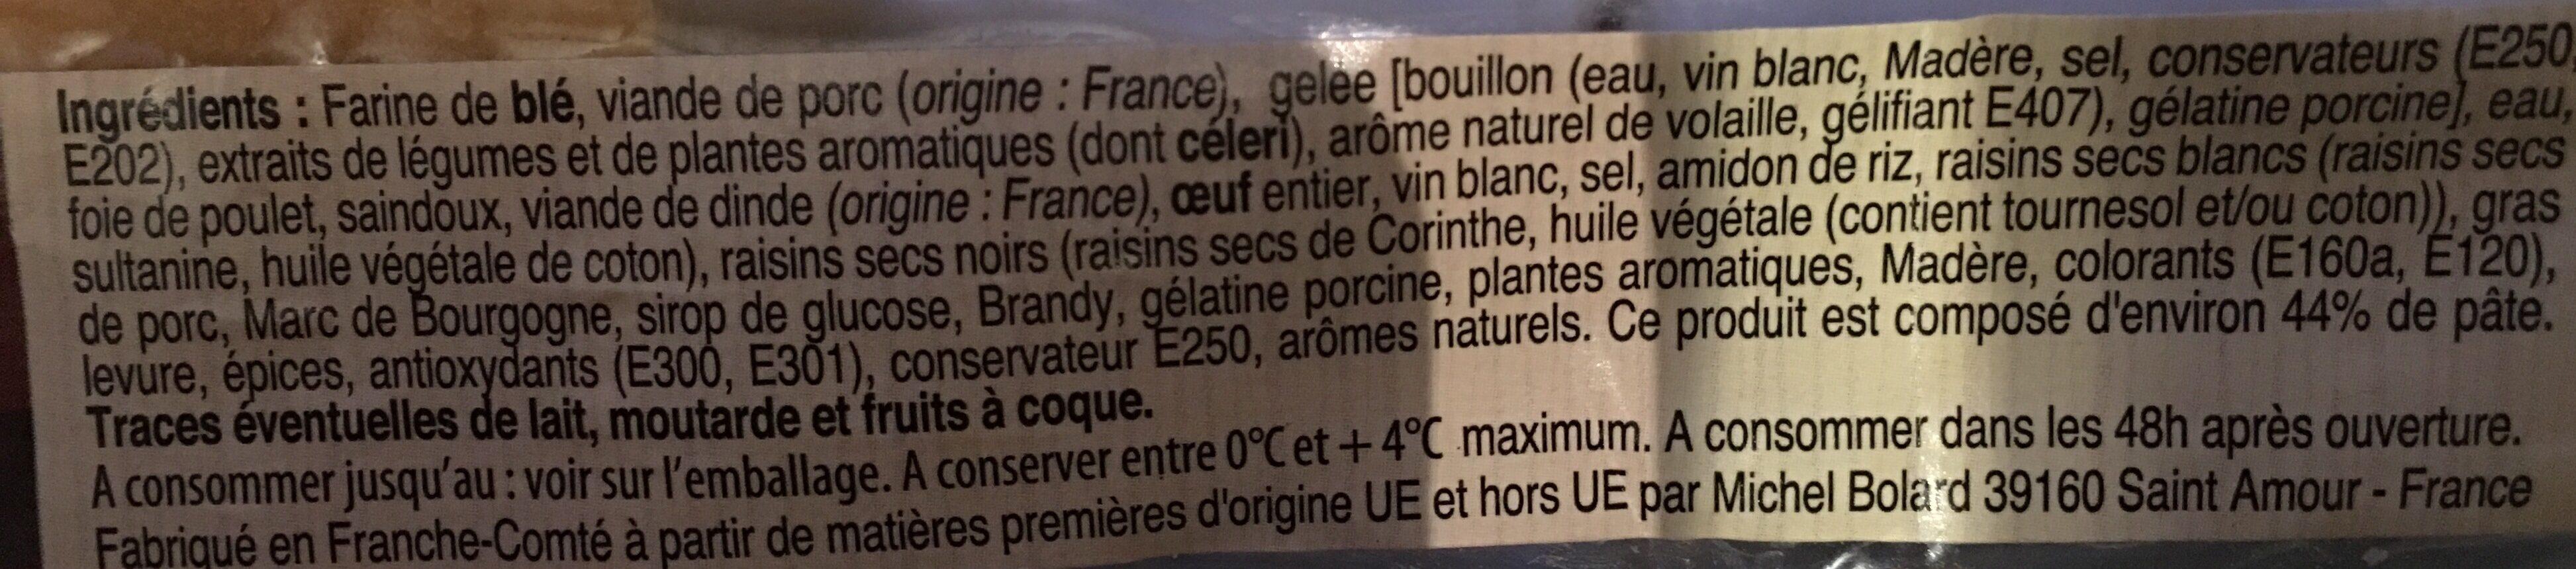 Pays Gourmant Pâté en croûte cocktail Franche Comté - Ingrédients